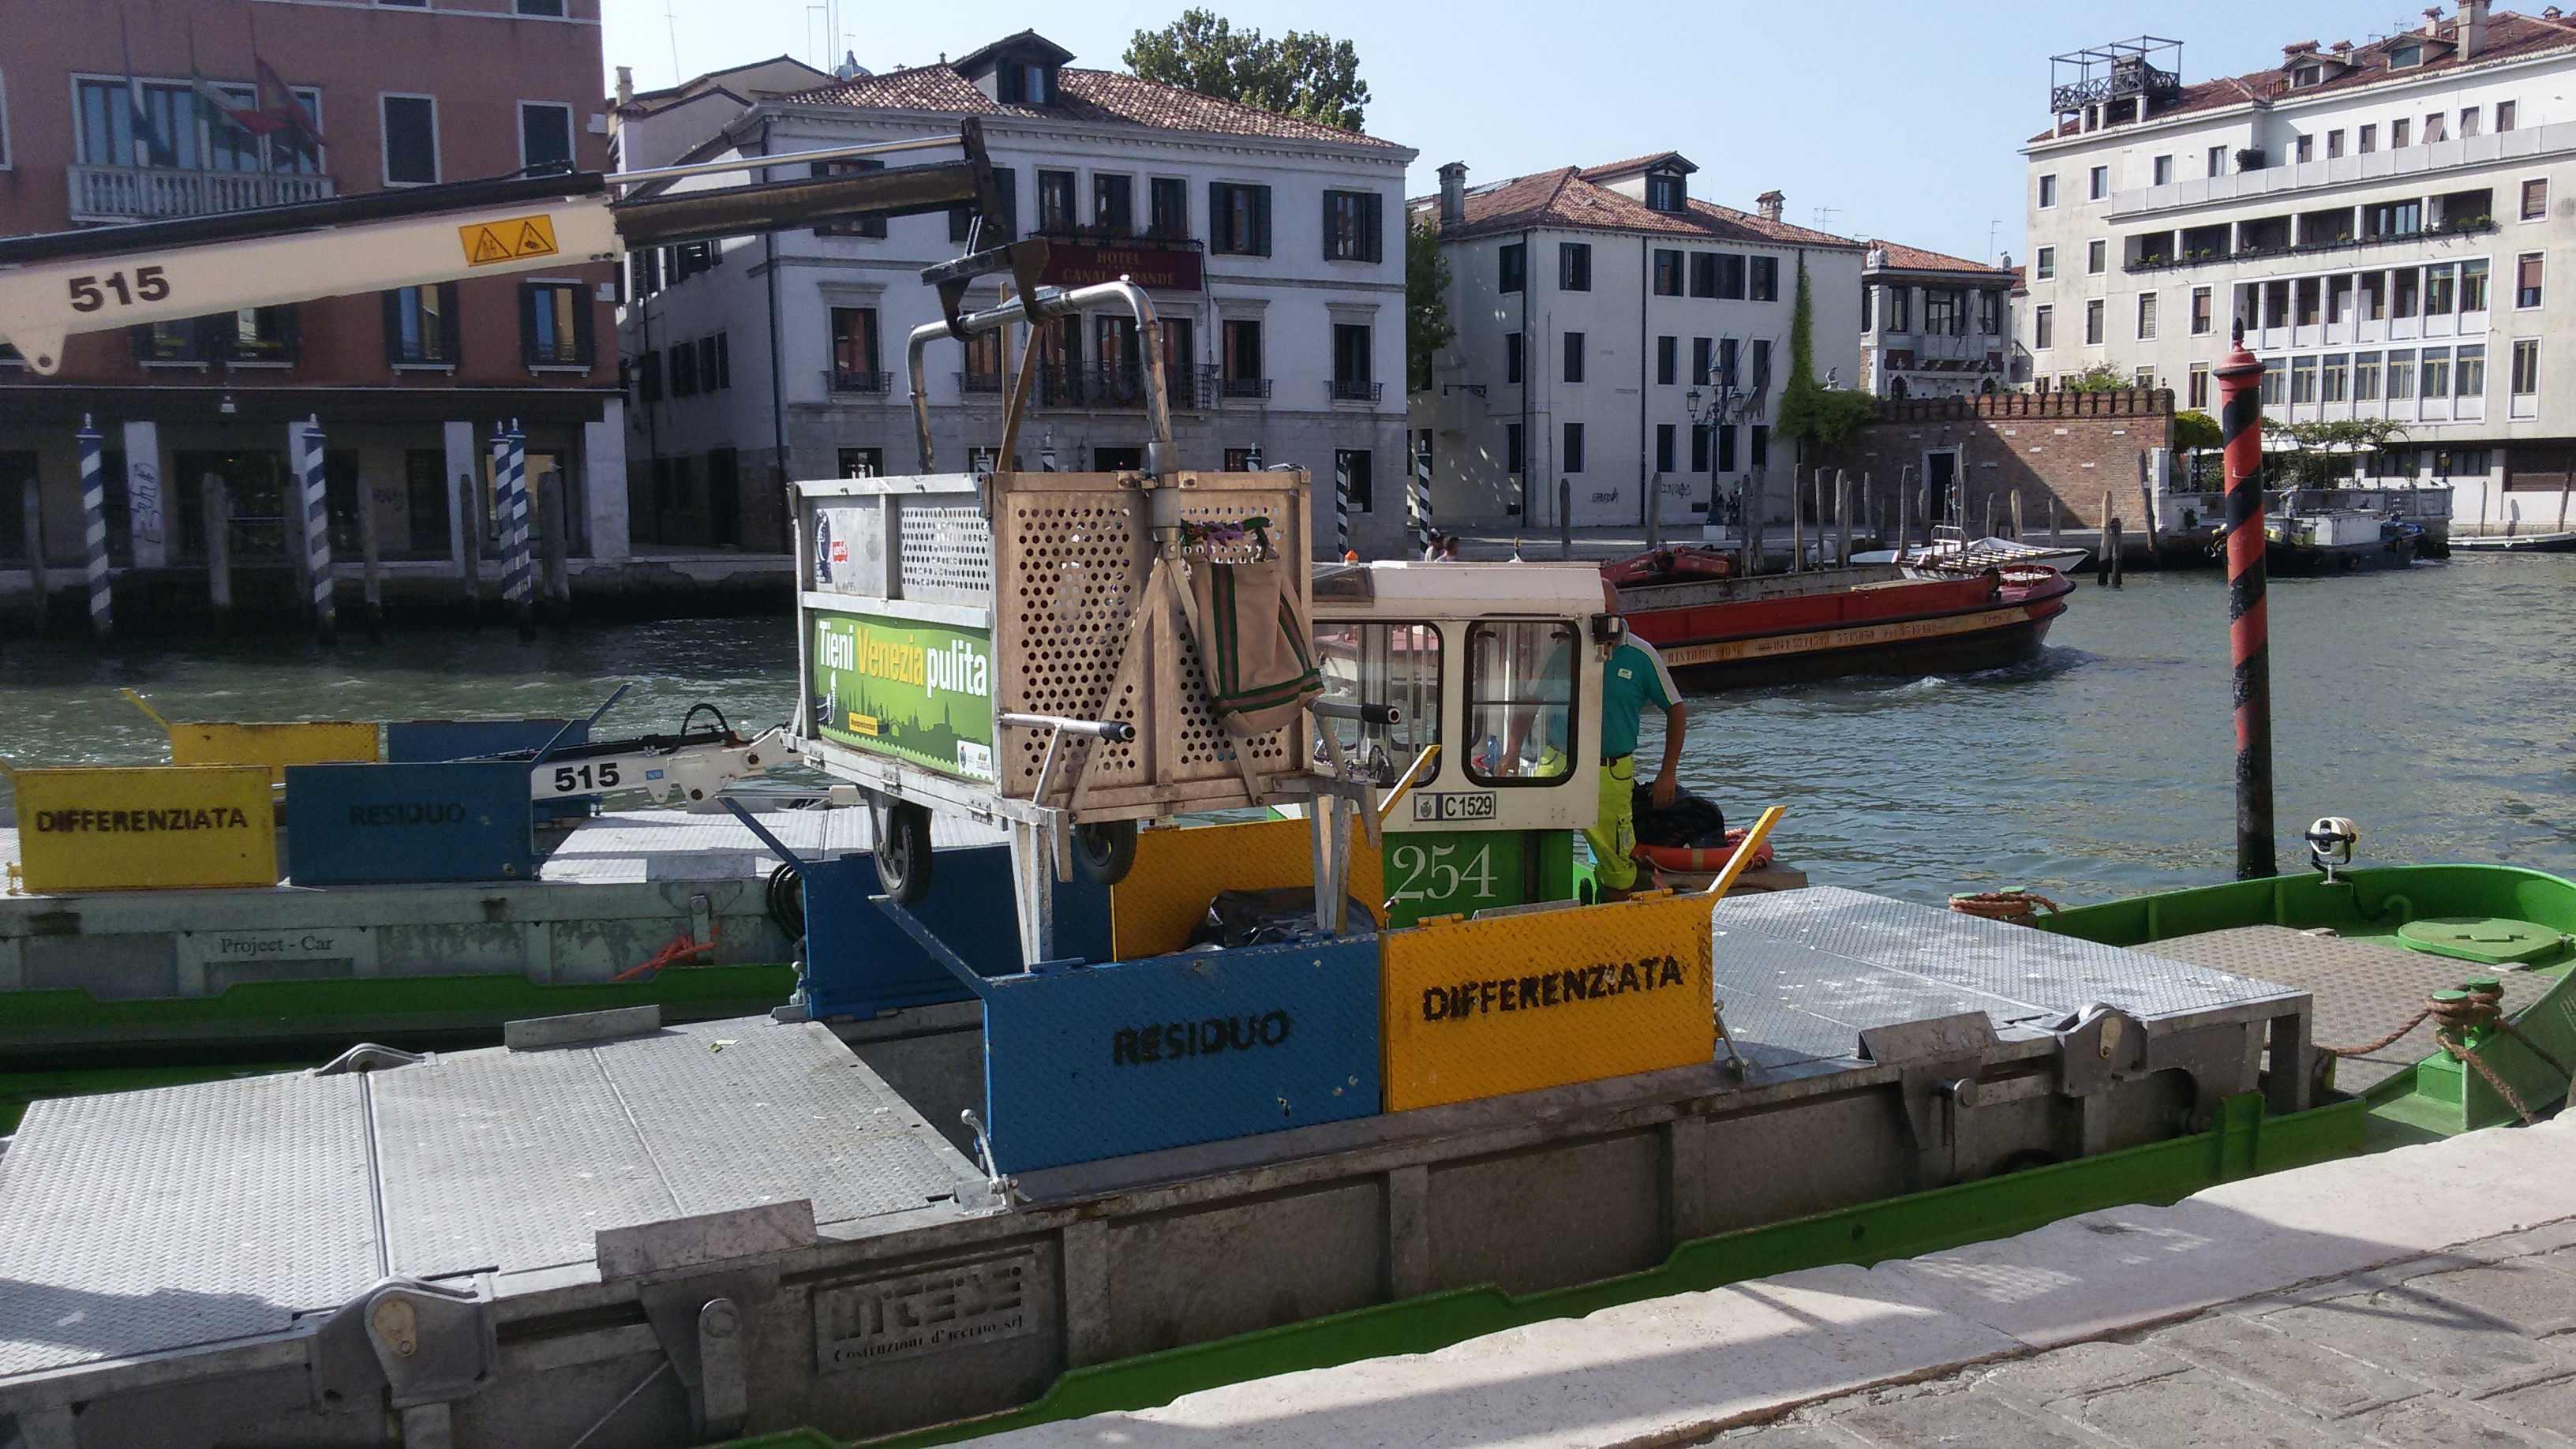 immagine della raccolta rifiuri a Venezia